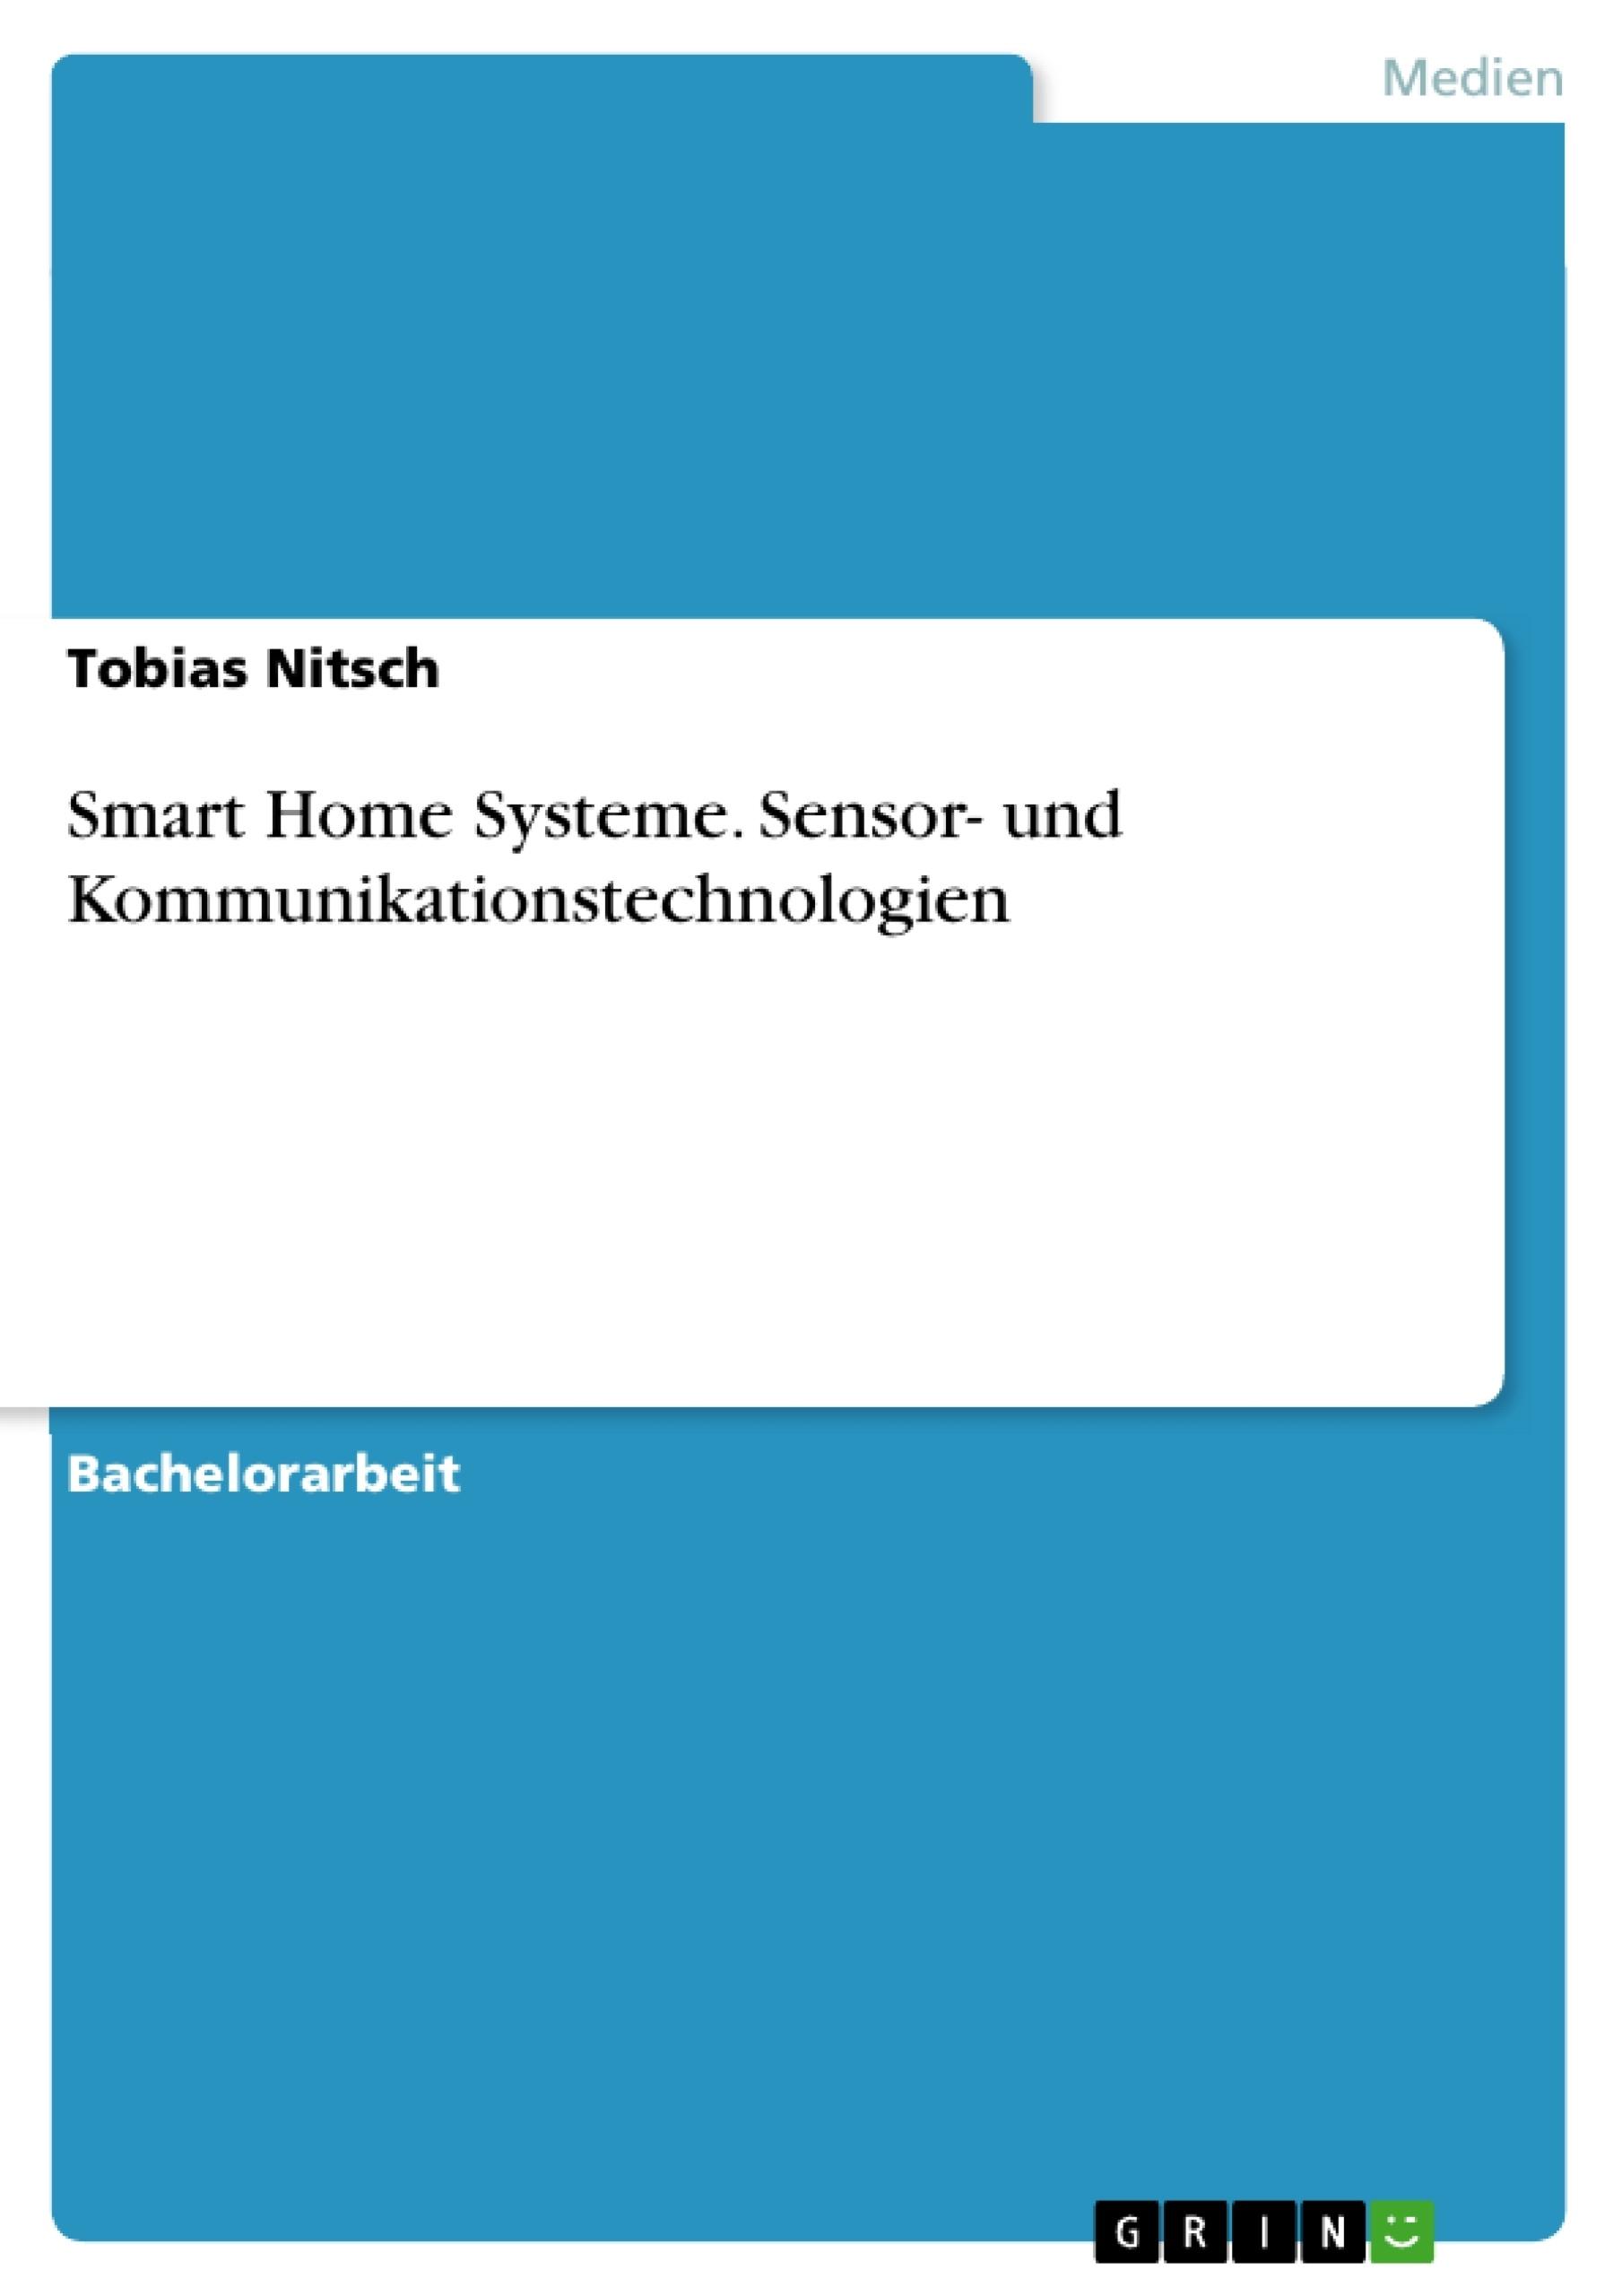 Titel: Smart Home Systeme. Sensor- und Kommunikationstechnologien